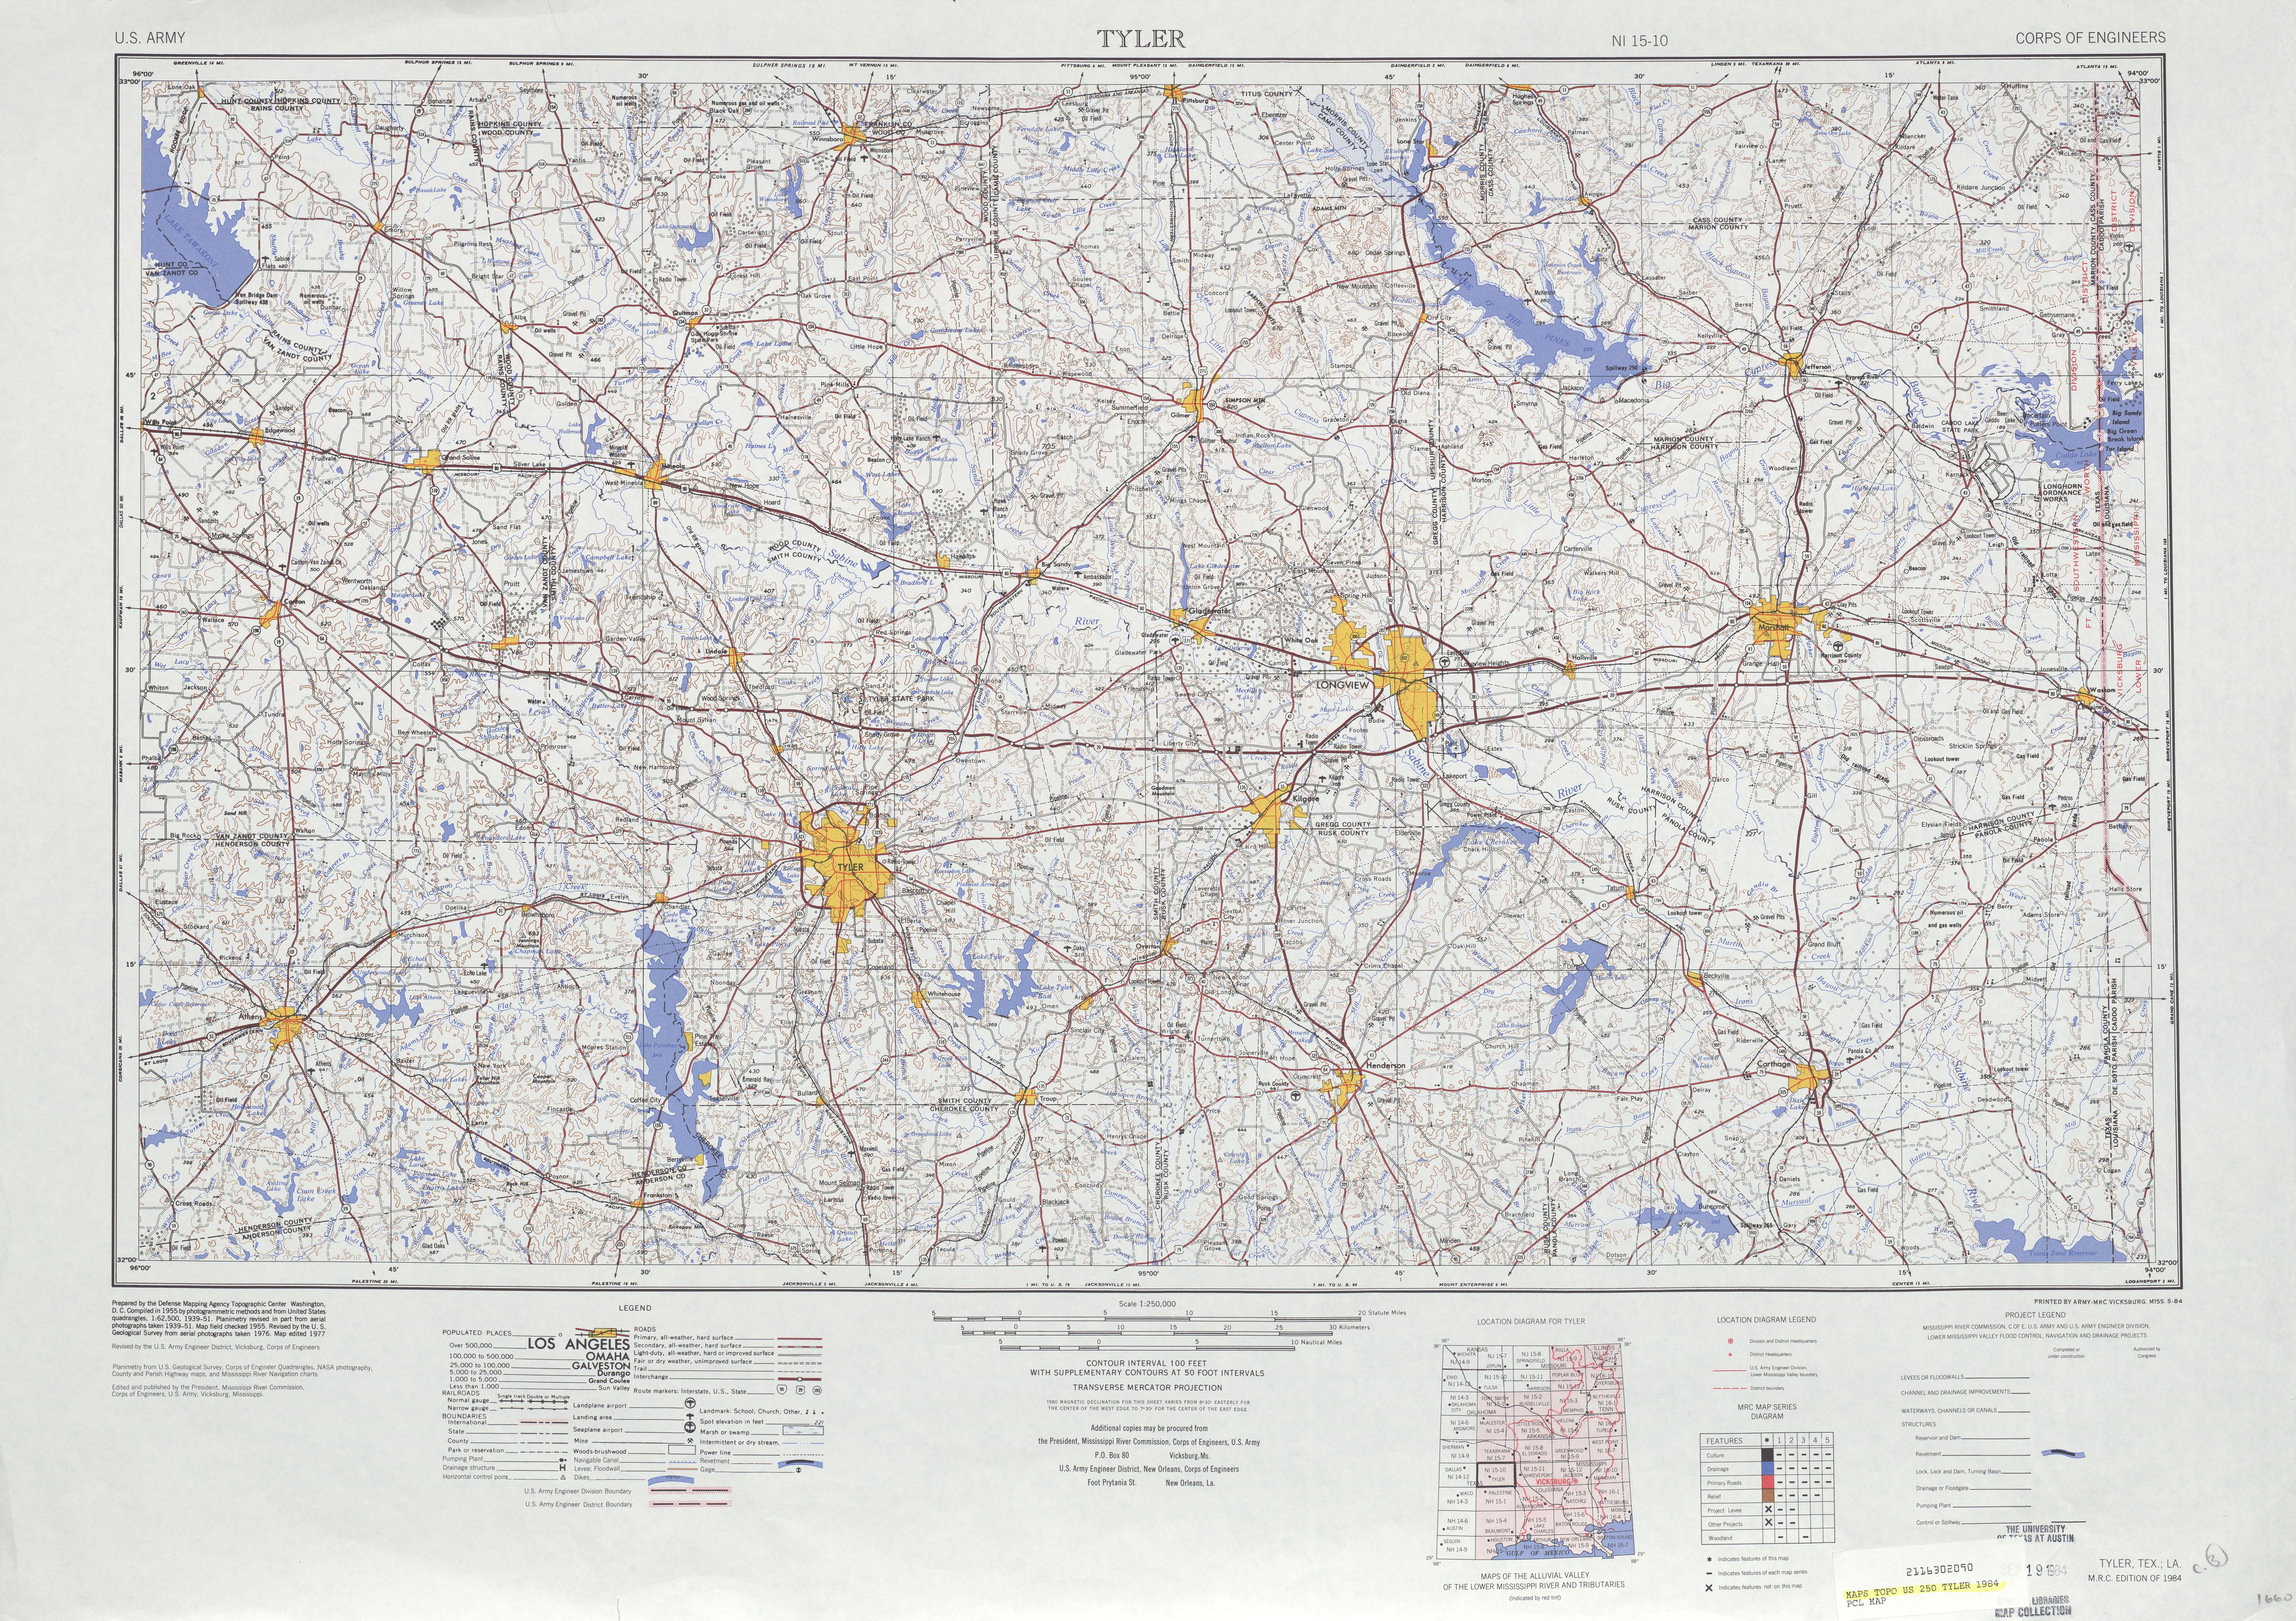 Hoja Tyler del Mapa Topográfico de los Estados Unidos 1984